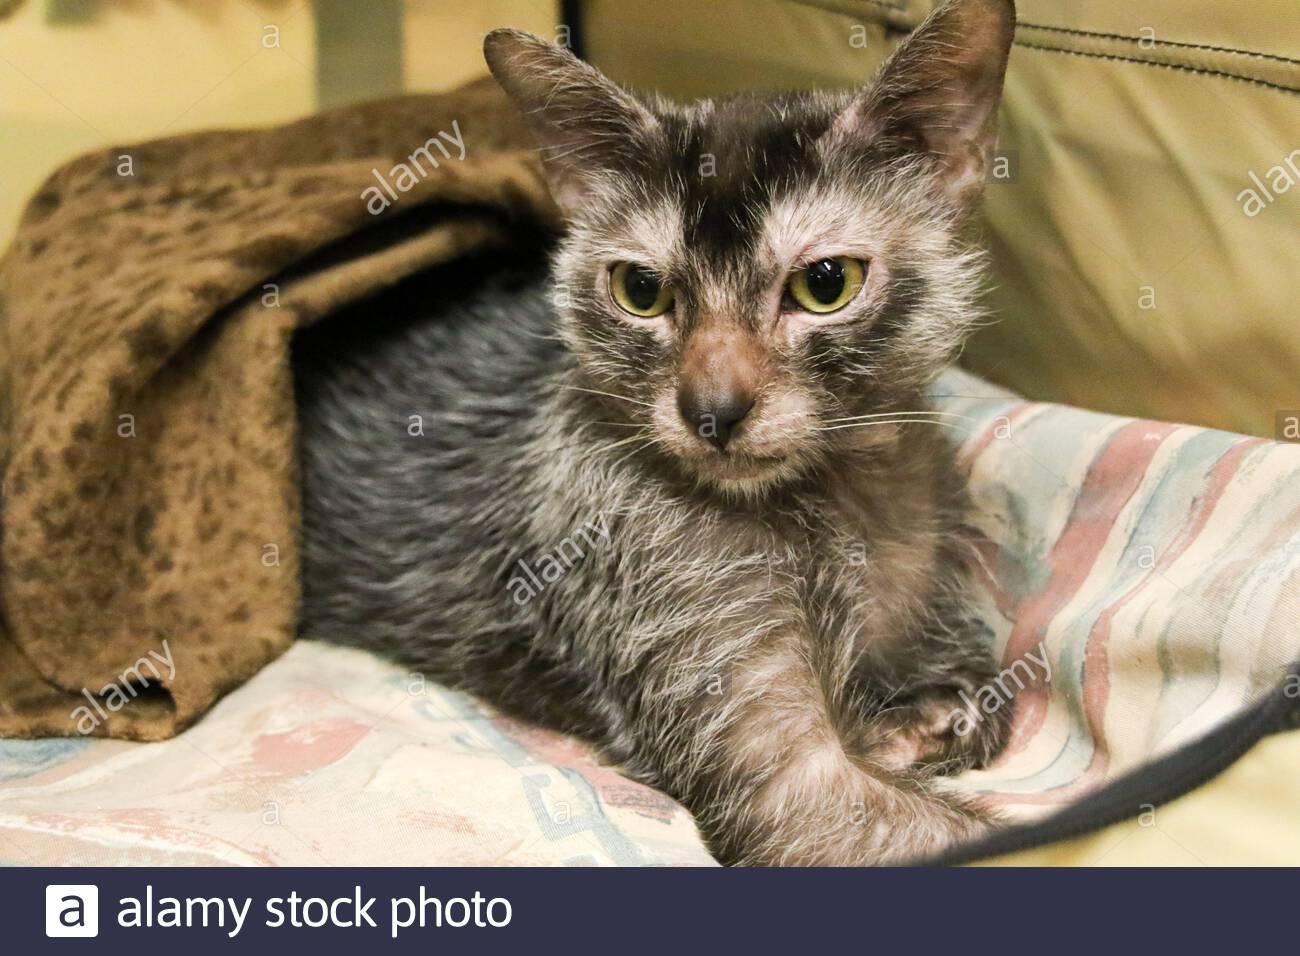 lykoi-cat-at-all-breed-cat-show-mesa-arizona-2BMR52J